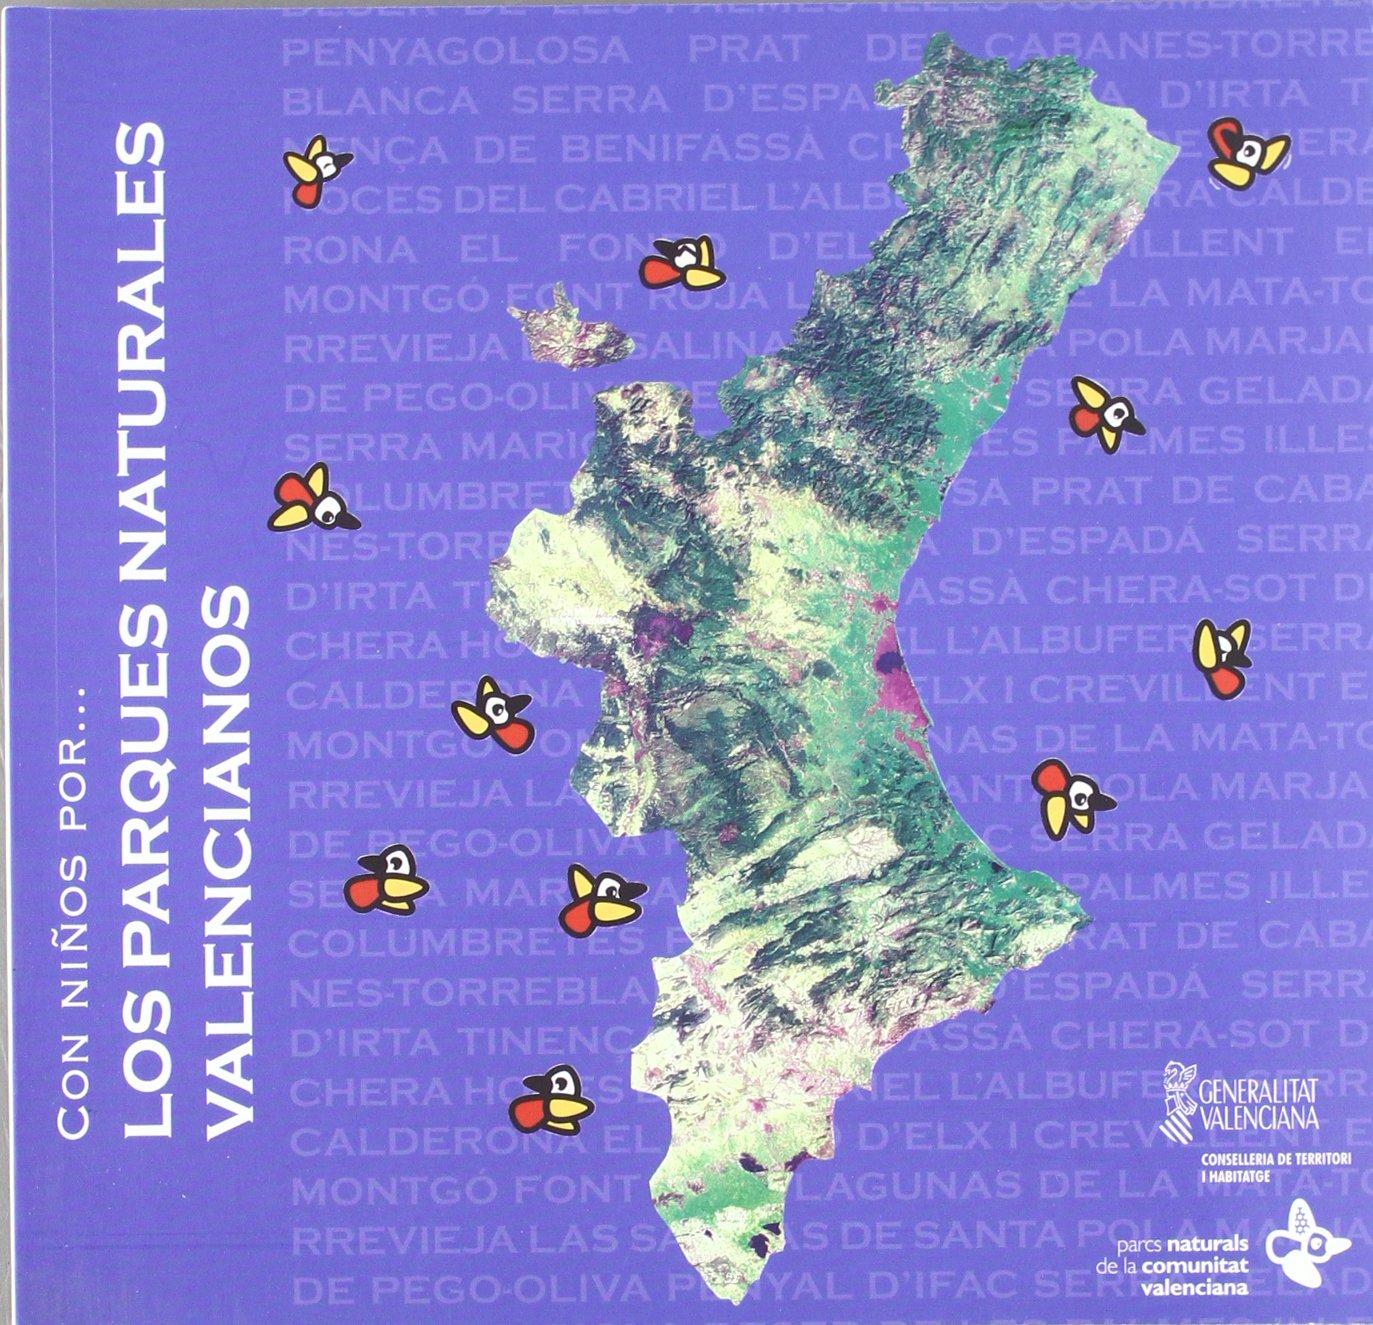 CON NIÑOS POR...LOS PARQUES NATURALES VALENCIANOS: Amazon.es: Libros